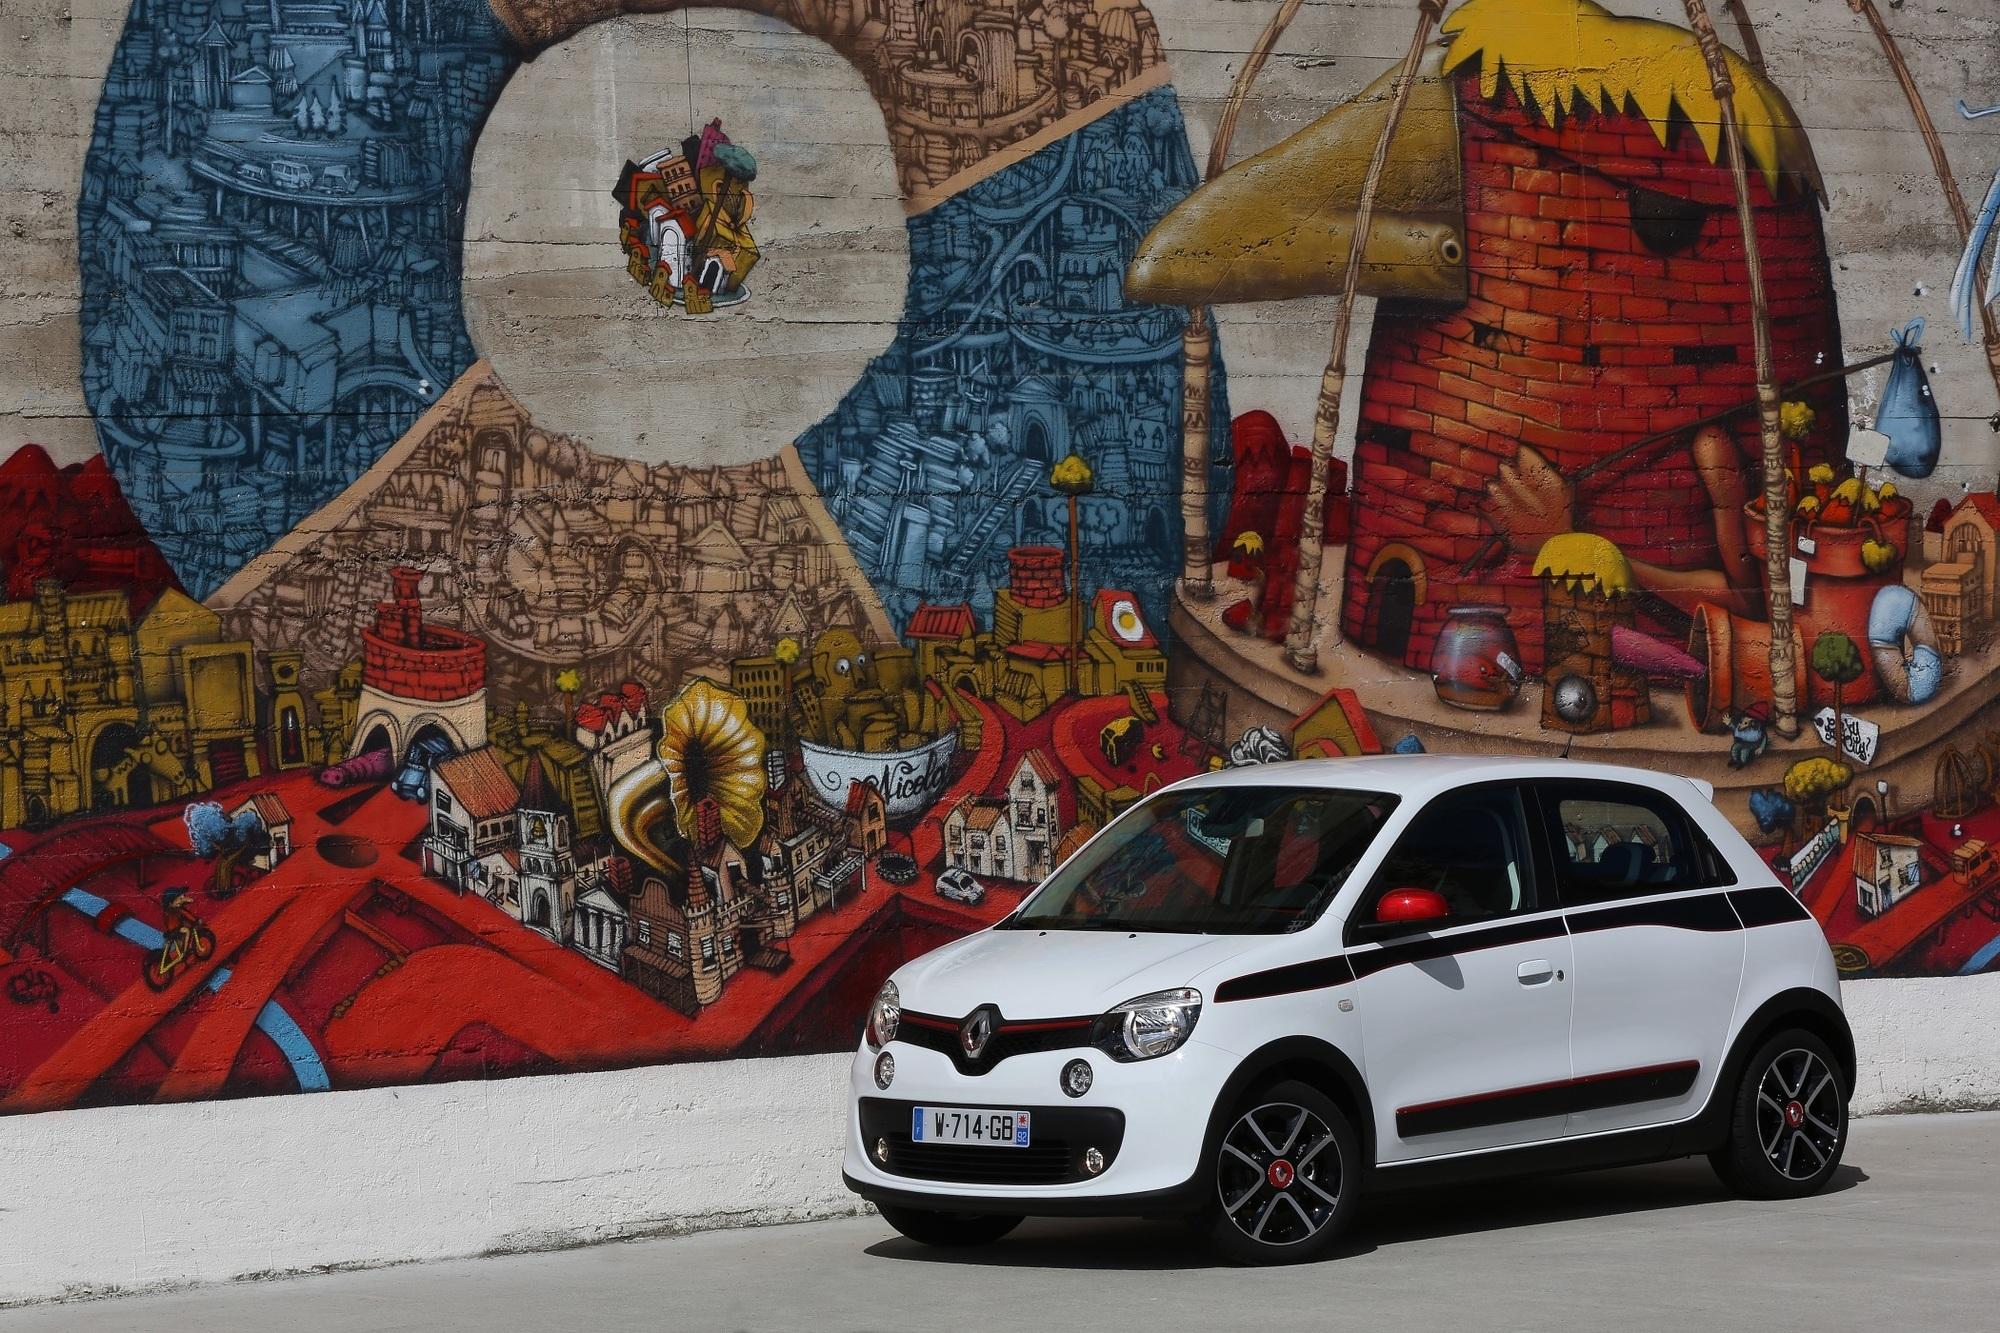 Fahrbericht: Renault Twingo - Ein smarter Spaß